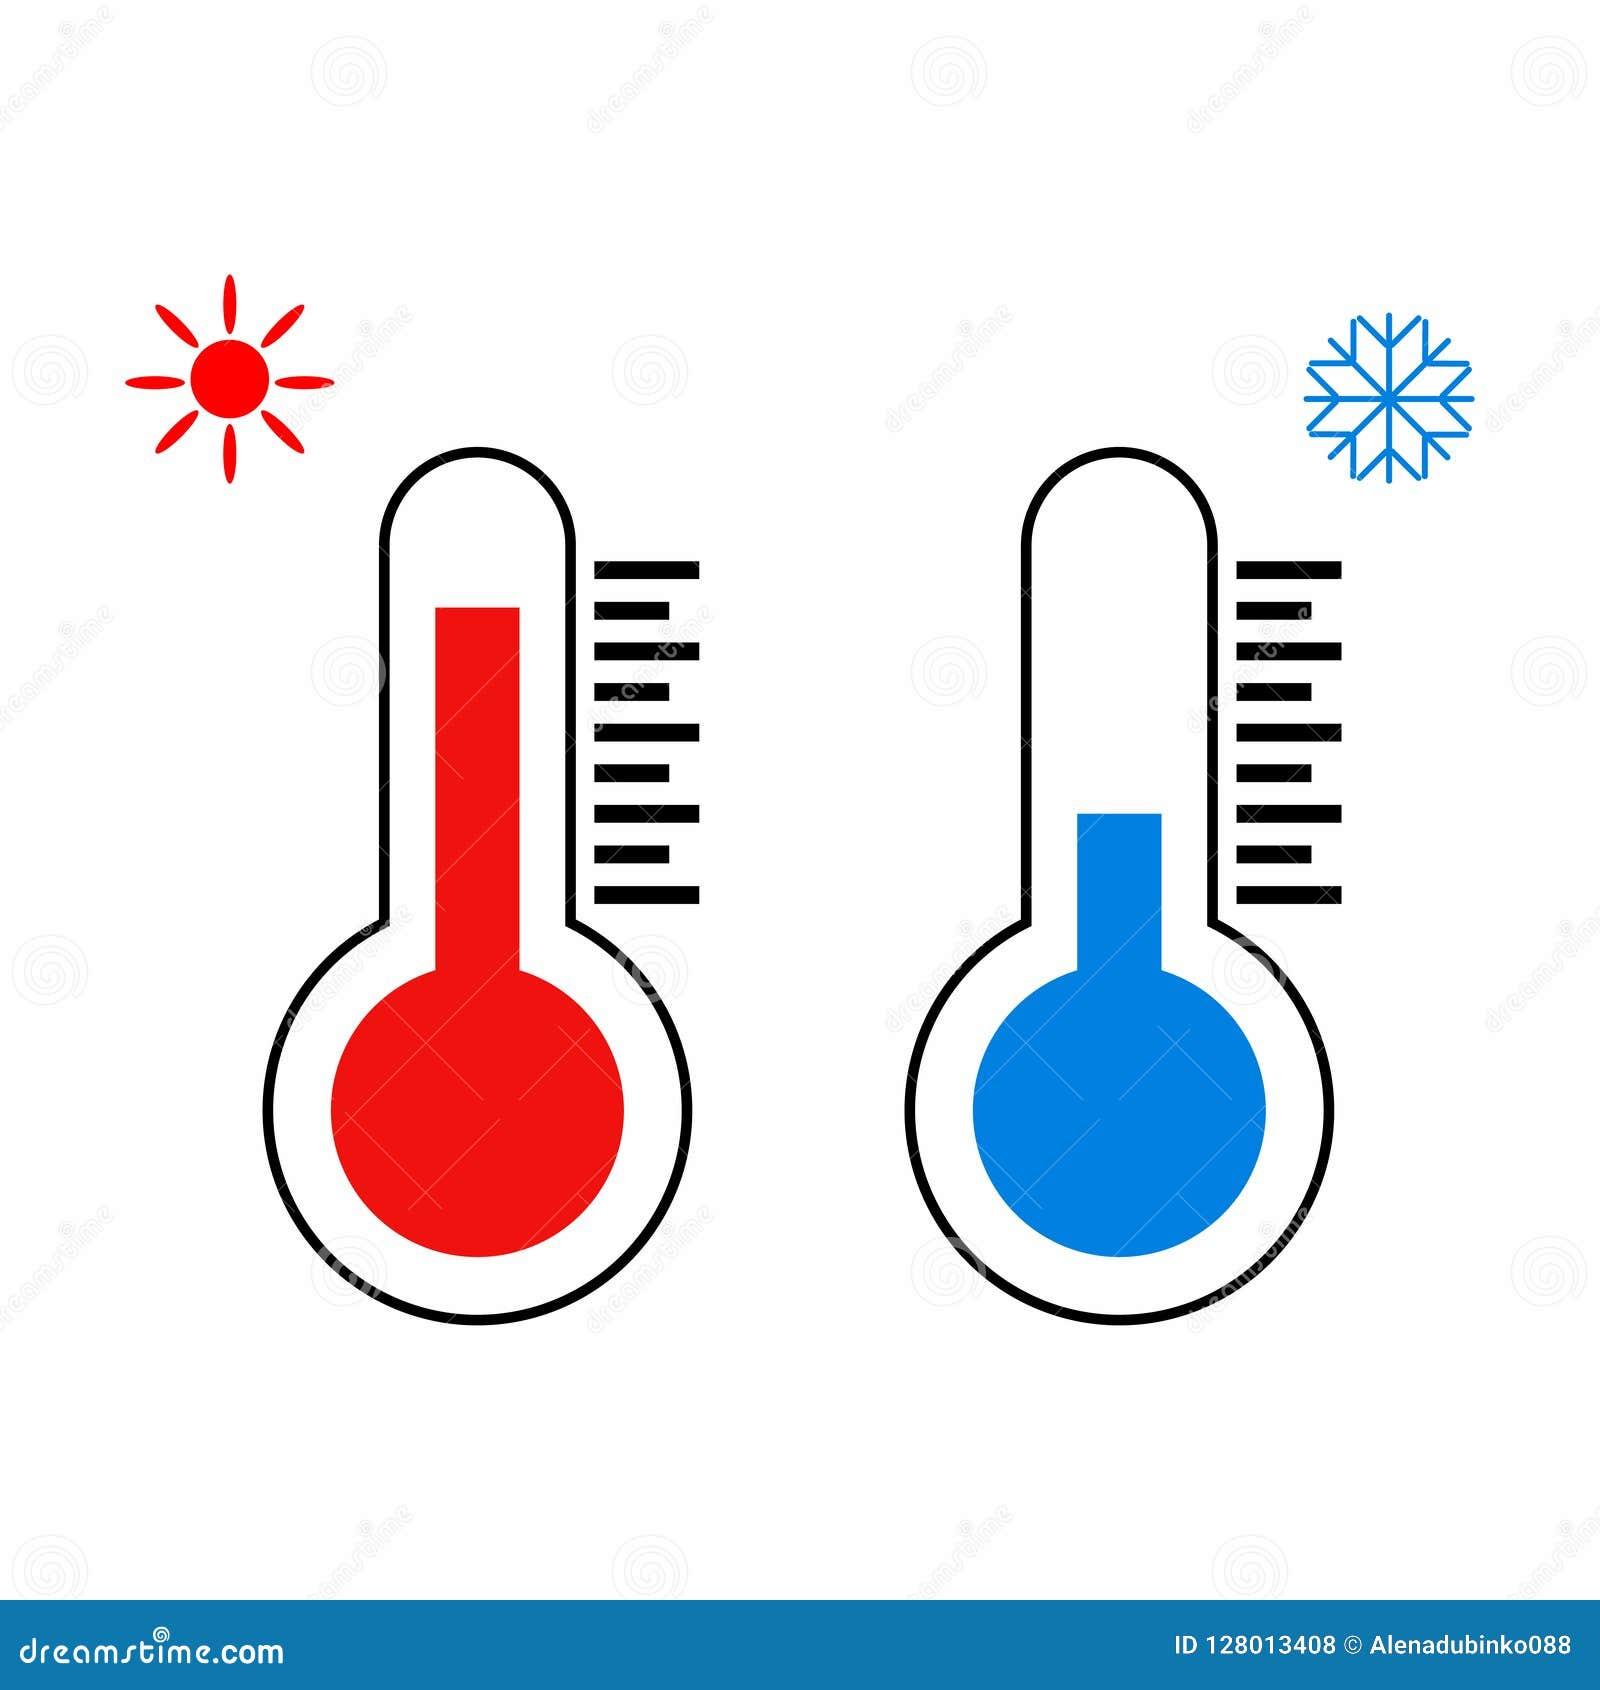 Icono Del Termometro Termometros Que Miden Calor Y Frio Ilustracion Del Vector Ilustracion De Frio Calor 128013408 Termómetros de resistencia de silicio. miden calor